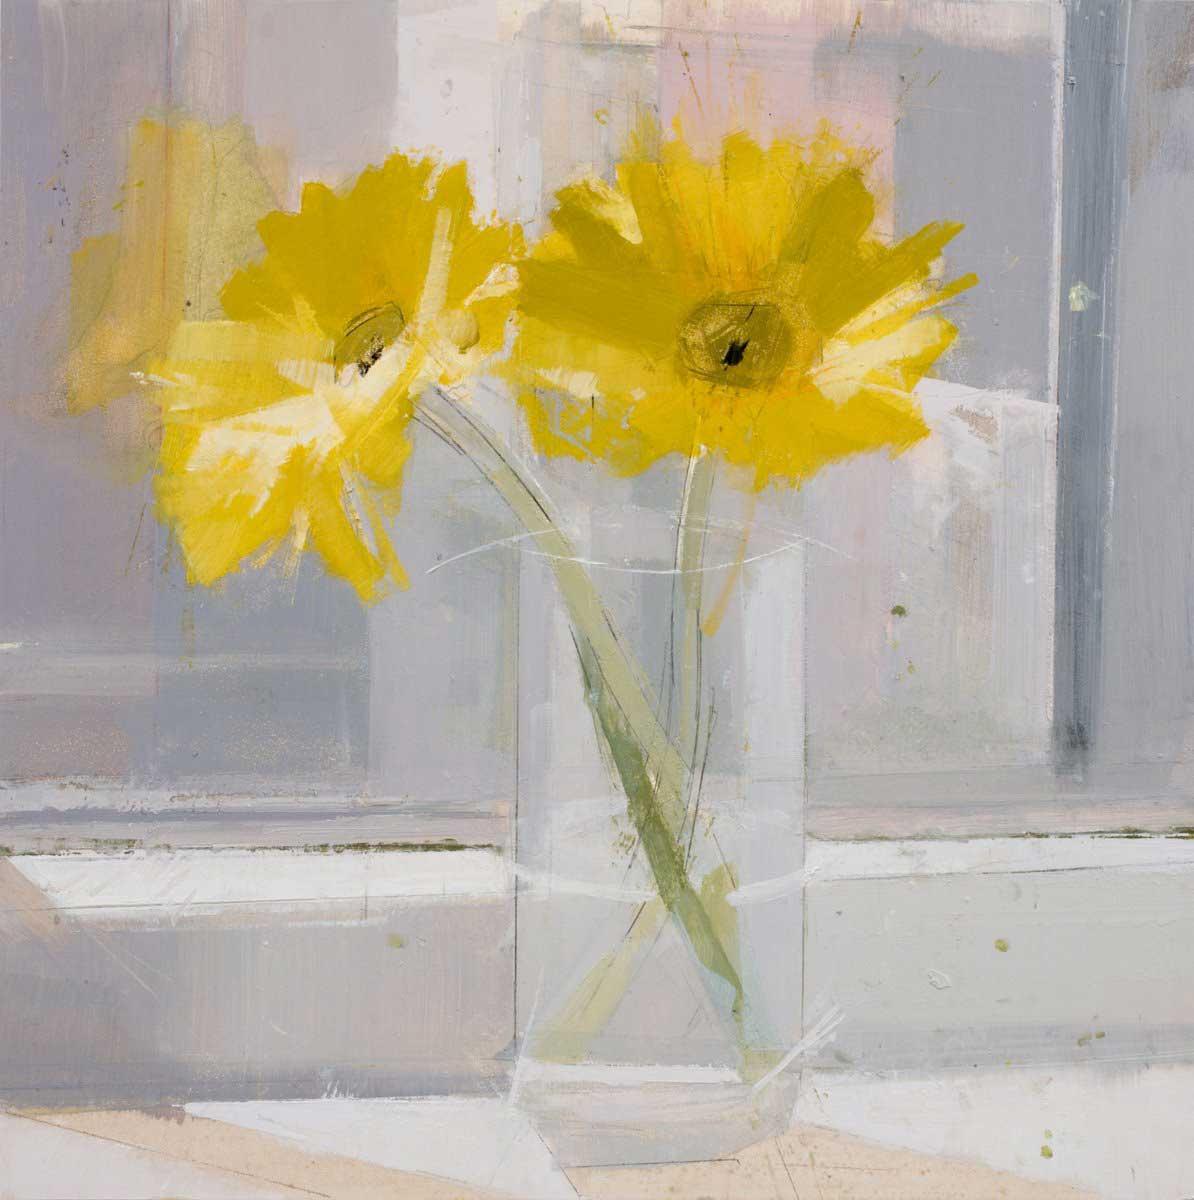 Lisa Breslow, <em>Yellow Gerber Daisy</em>